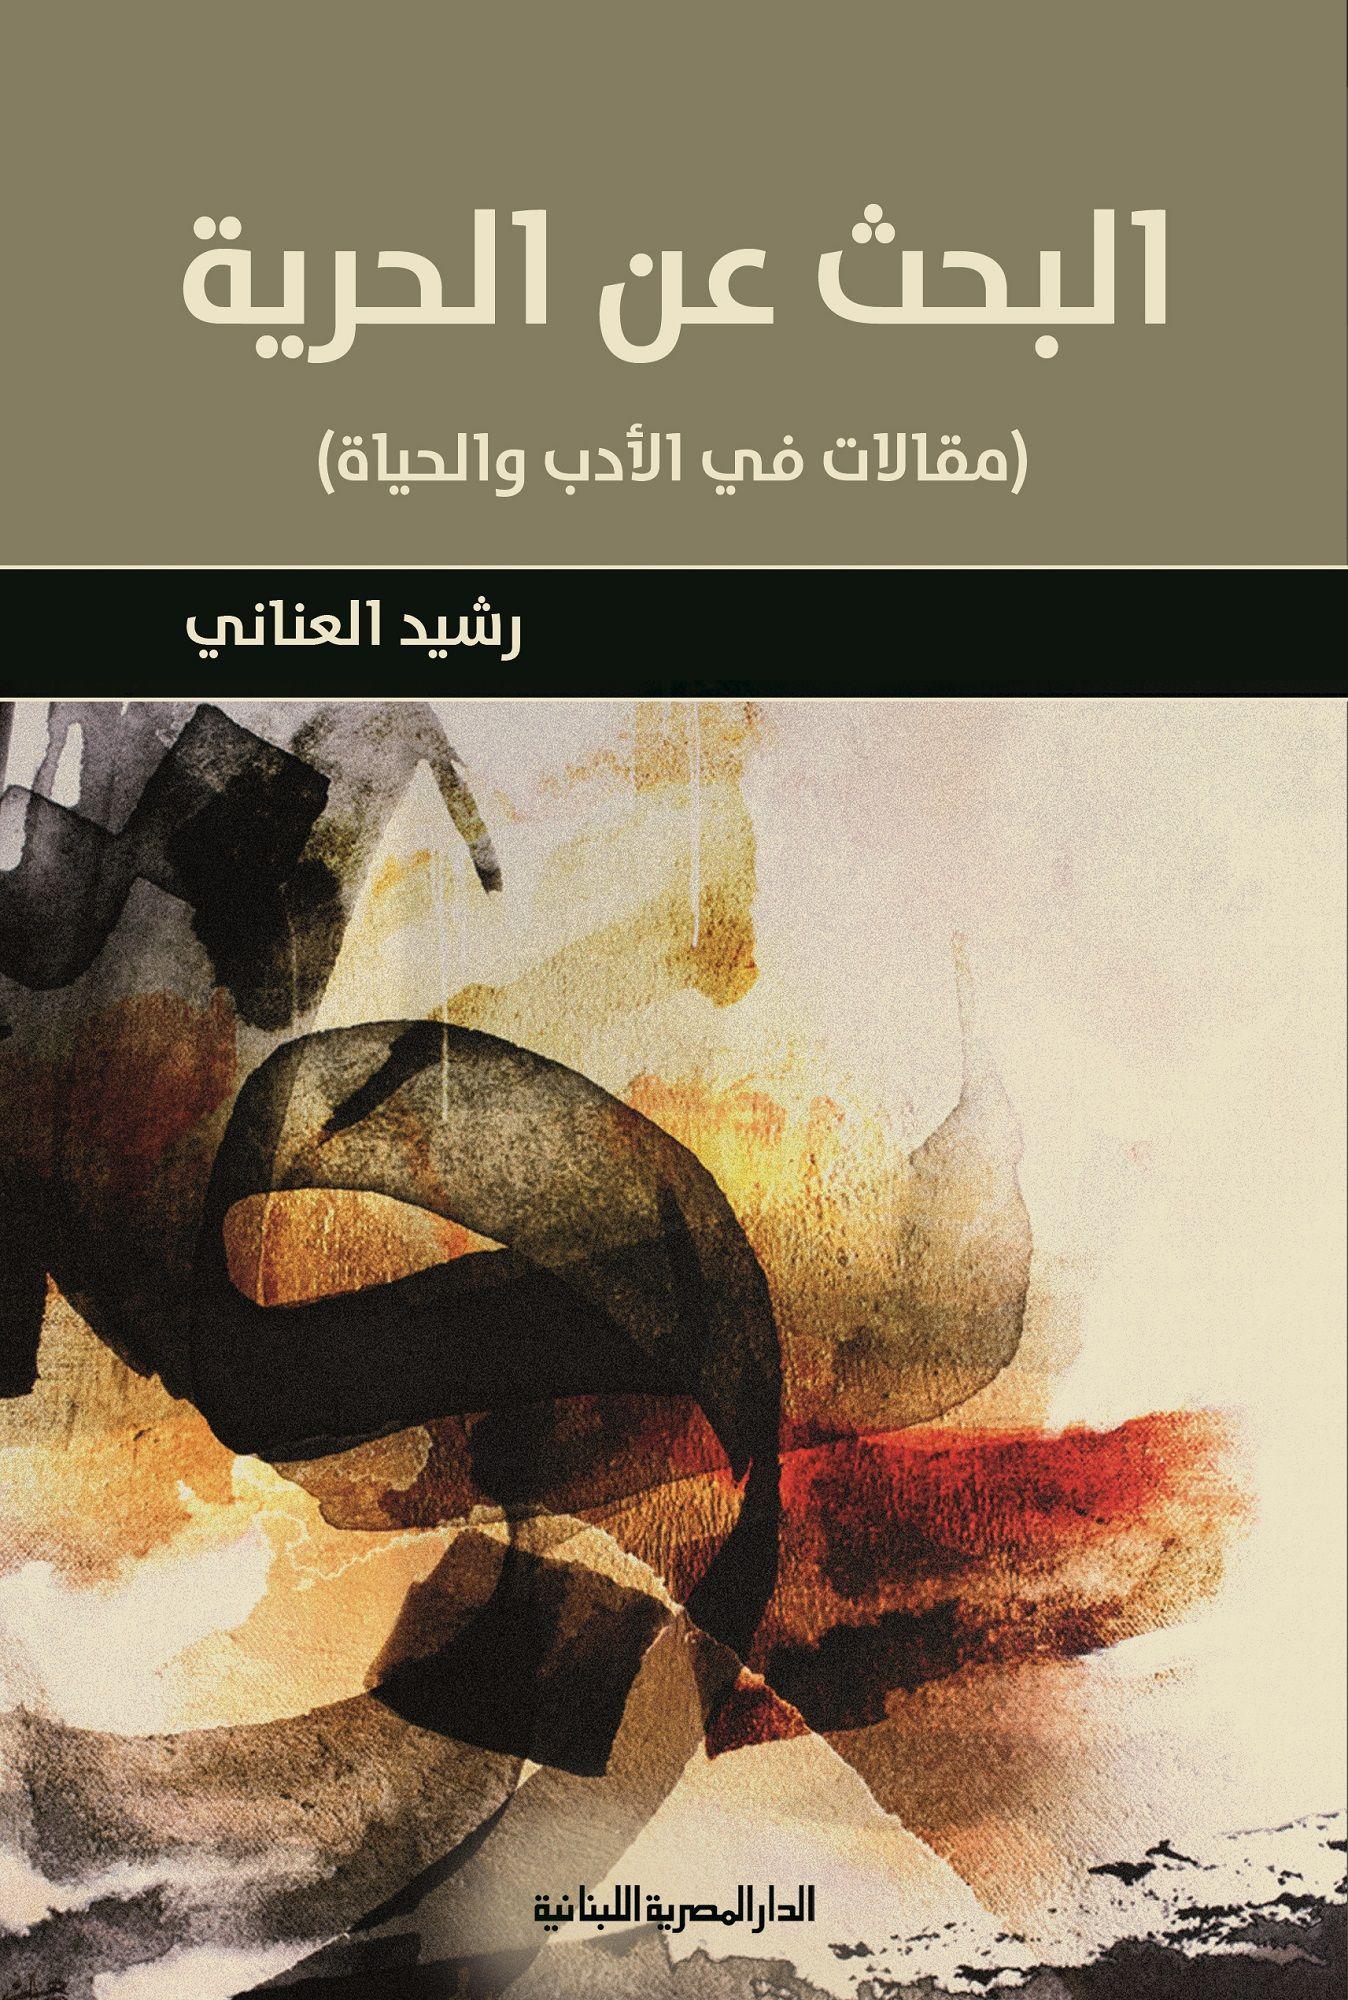 البحث عن الحرية الدار المصرية اللبنانية Poster Movie Posters Movies